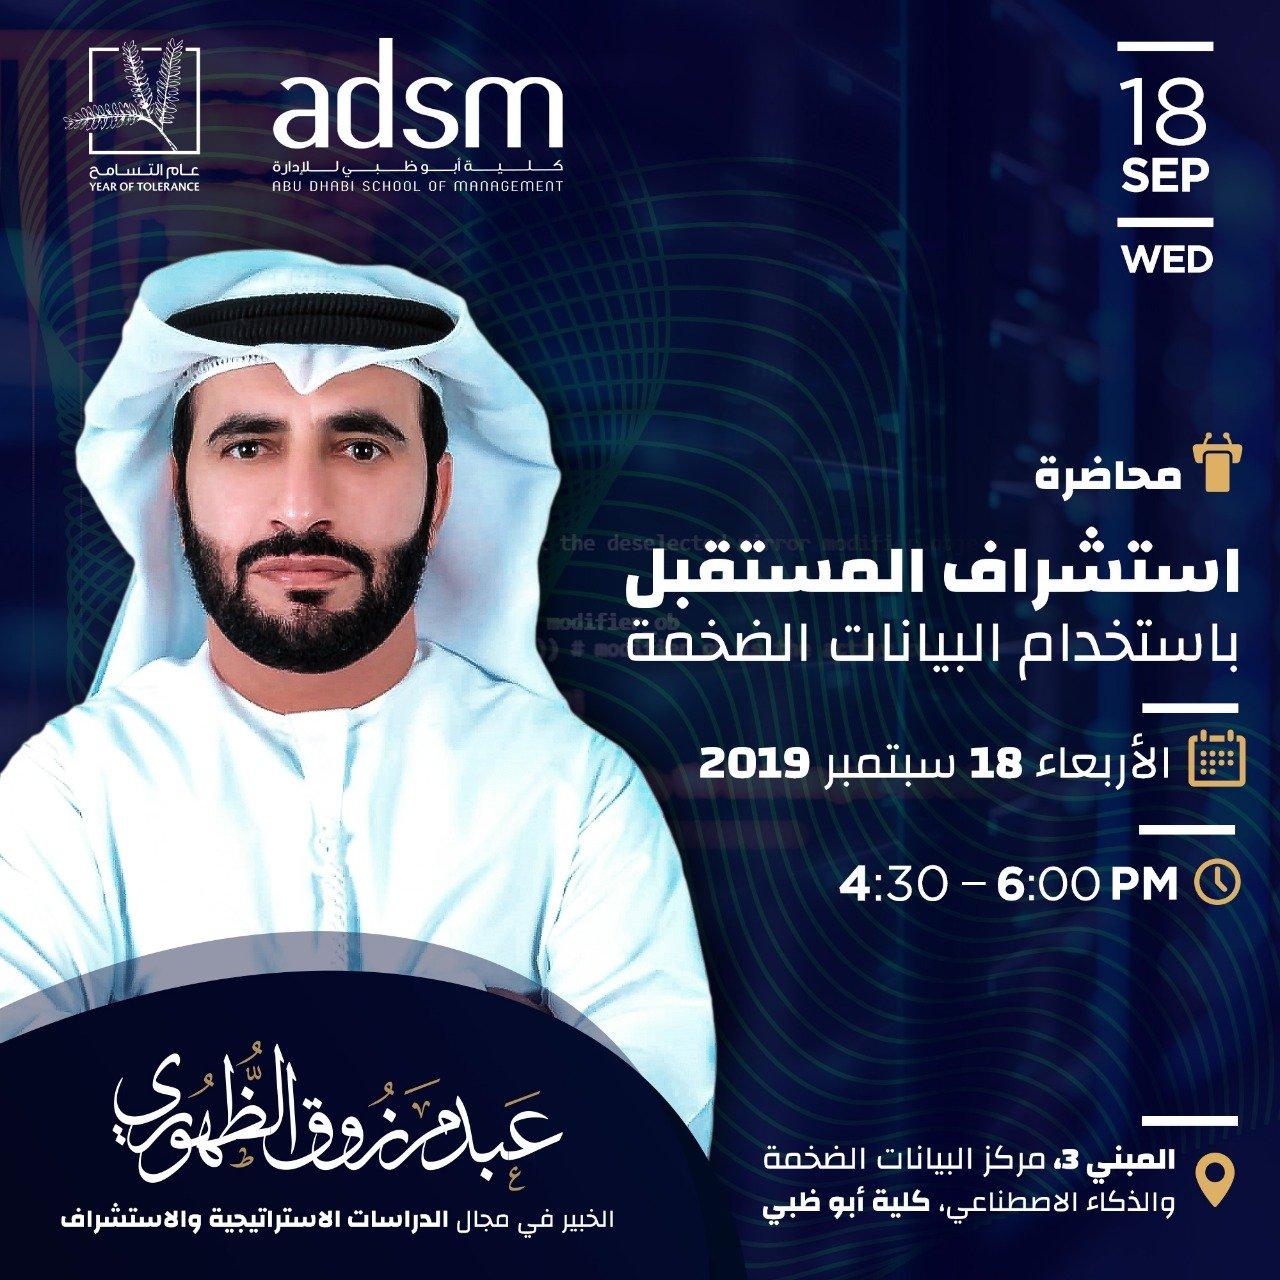 محاضرة: استشراف المستقبل باستخدام البيانات الضخمة | عبد مرزوق الظهوري